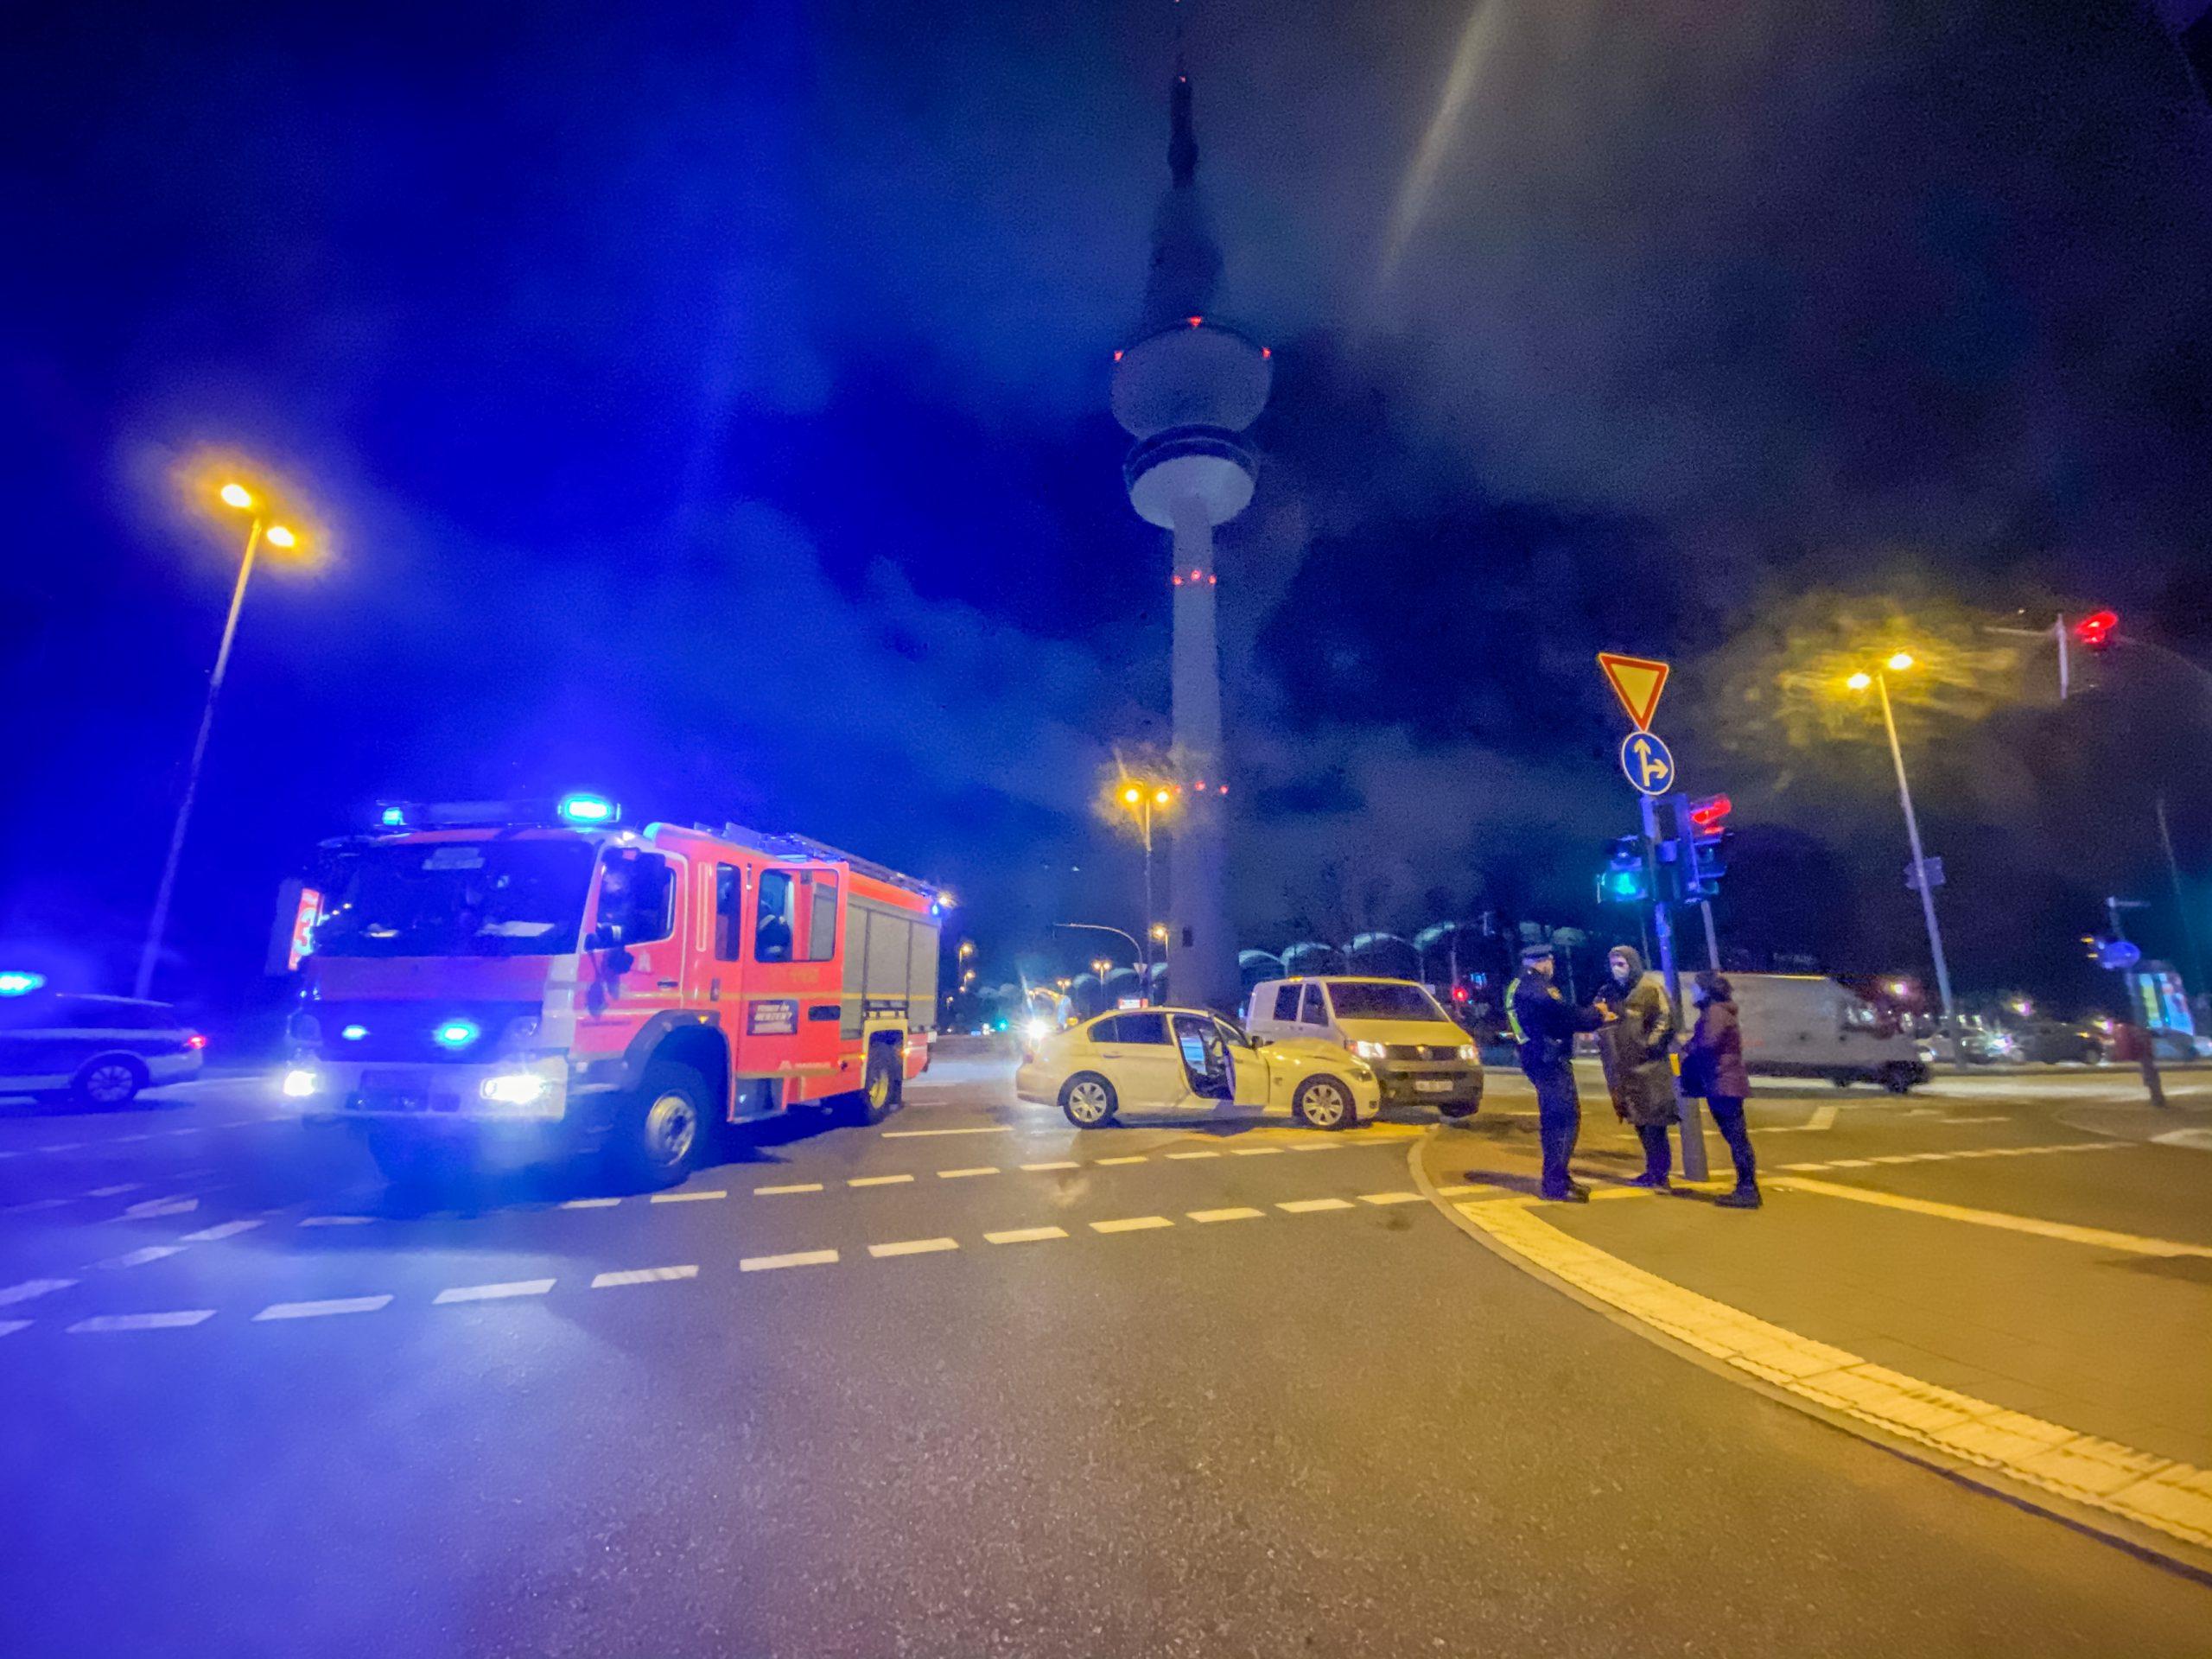 Crash-in-der-City-BMW-und-VW-T5-krachen-am-Fernsehturm-zusammen